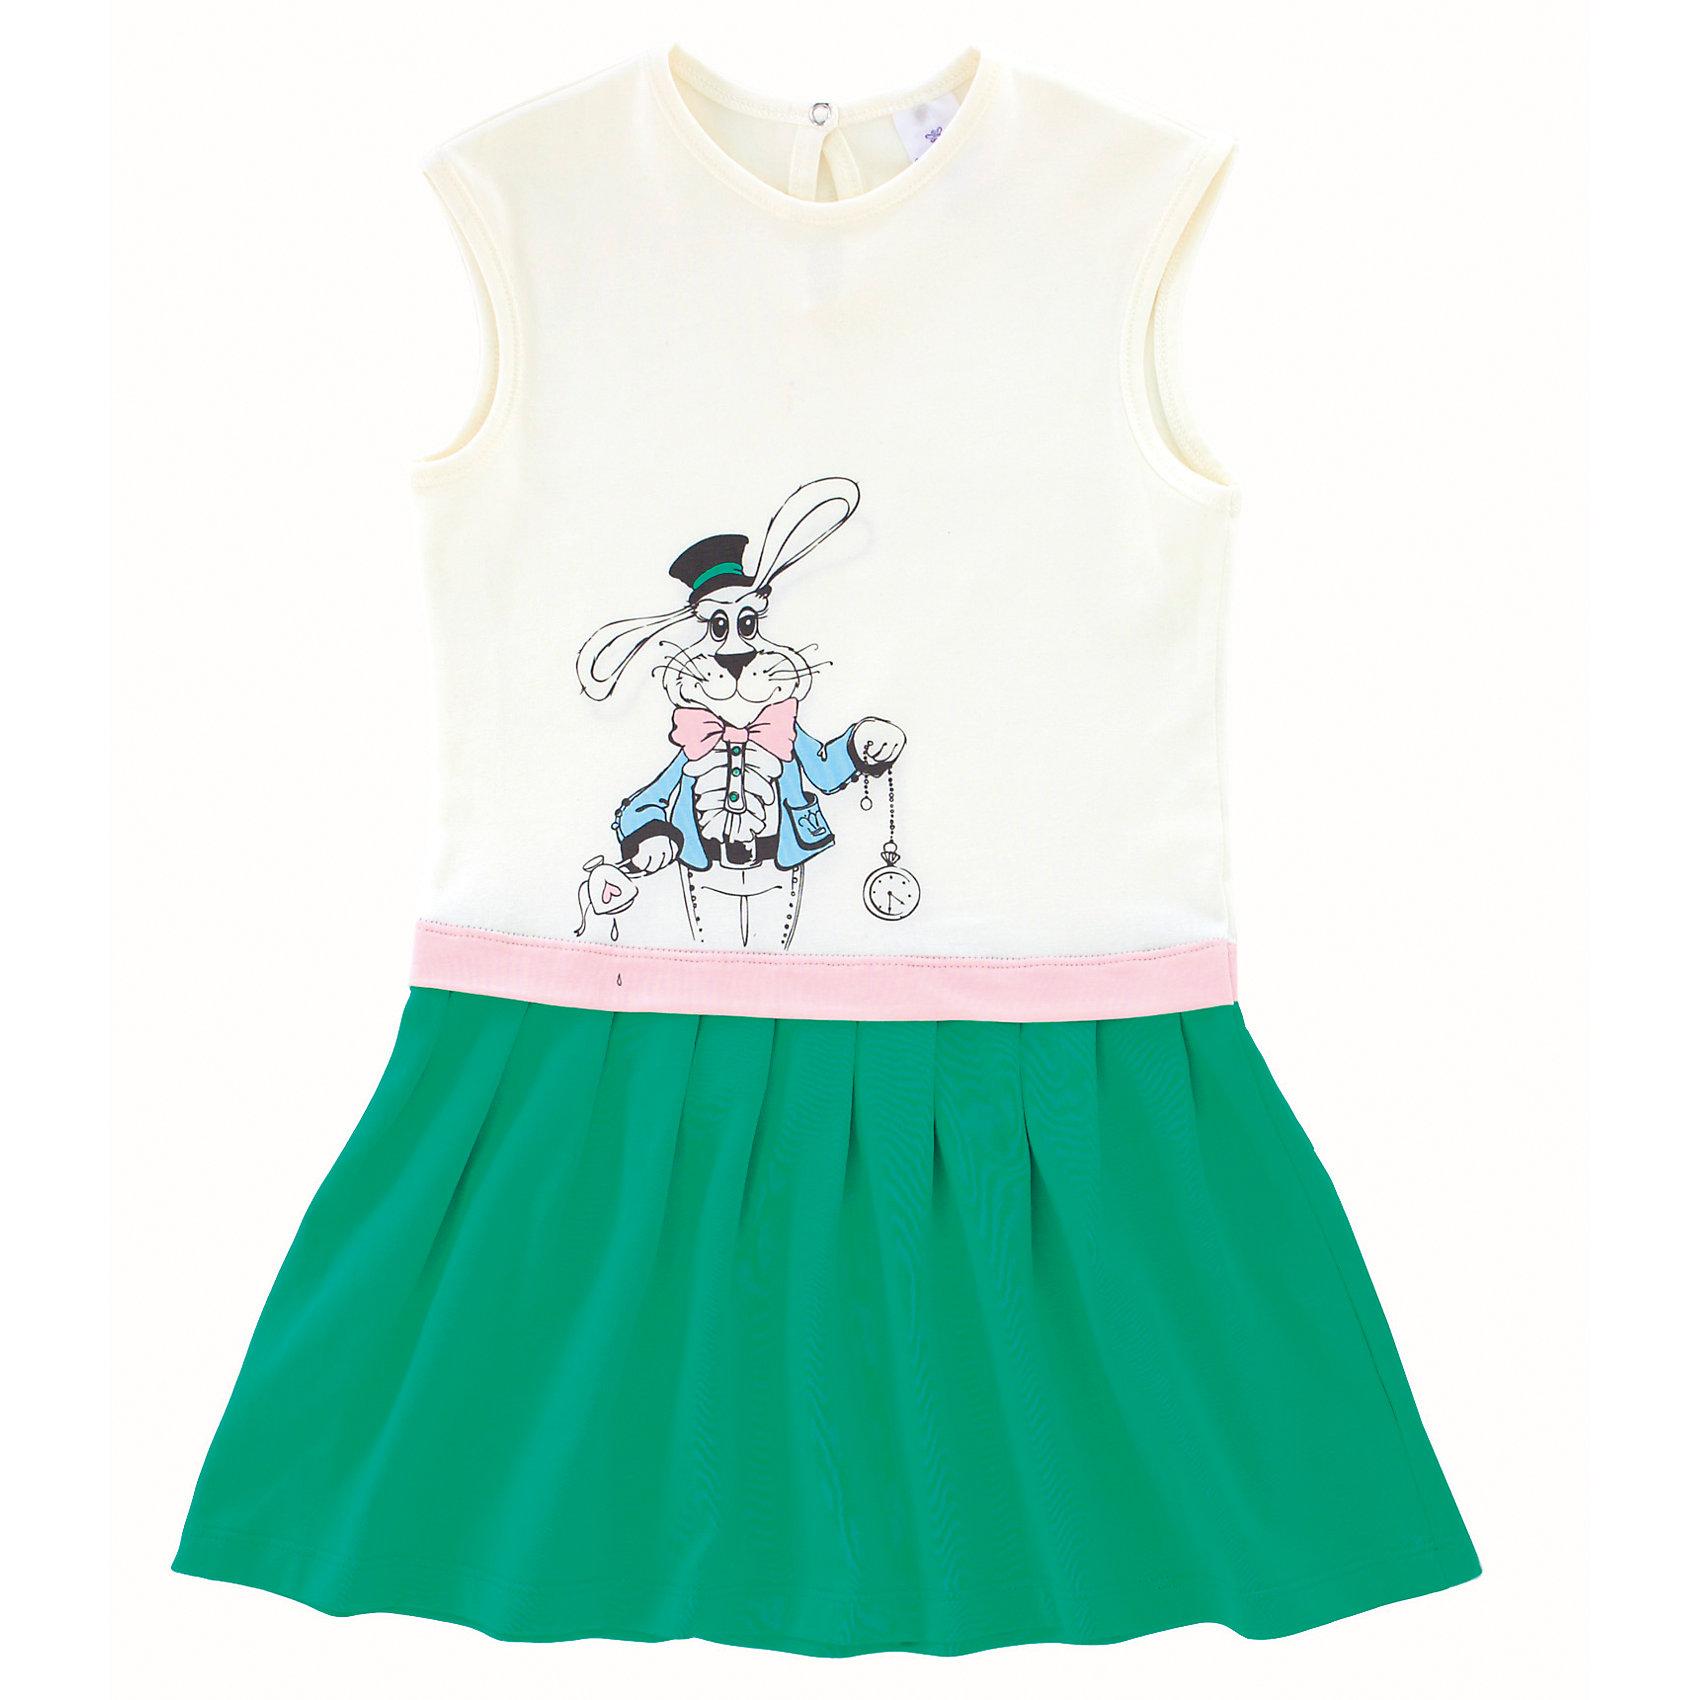 Платье для девочки МамуляндияПлатья и сарафаны<br>Платье для девочки Мамуляндия<br>Платье для девочки из дизайнерской коллекции Алиса.<br>Изготовлено трикотажного полотна высшего качества (кулирка).<br>Гипоаллергенный принт на водной основе, застёжка на спинке на кнопку из гипоаллергенного сплава без содержания никеля. <br><br>Состав 100% хлопок (кулирка-пенье). <br>Рекомендации по уходу: стирать при 40 С, гладить при средней температуре, носить с удовольствием!<br>Состав:<br>100% хлопок<br><br>Ширина мм: 236<br>Глубина мм: 16<br>Высота мм: 184<br>Вес г: 177<br>Цвет: зеленый<br>Возраст от месяцев: 72<br>Возраст до месяцев: 84<br>Пол: Женский<br>Возраст: Детский<br>Размер: 122,92,98,104,110,116<br>SKU: 5513838